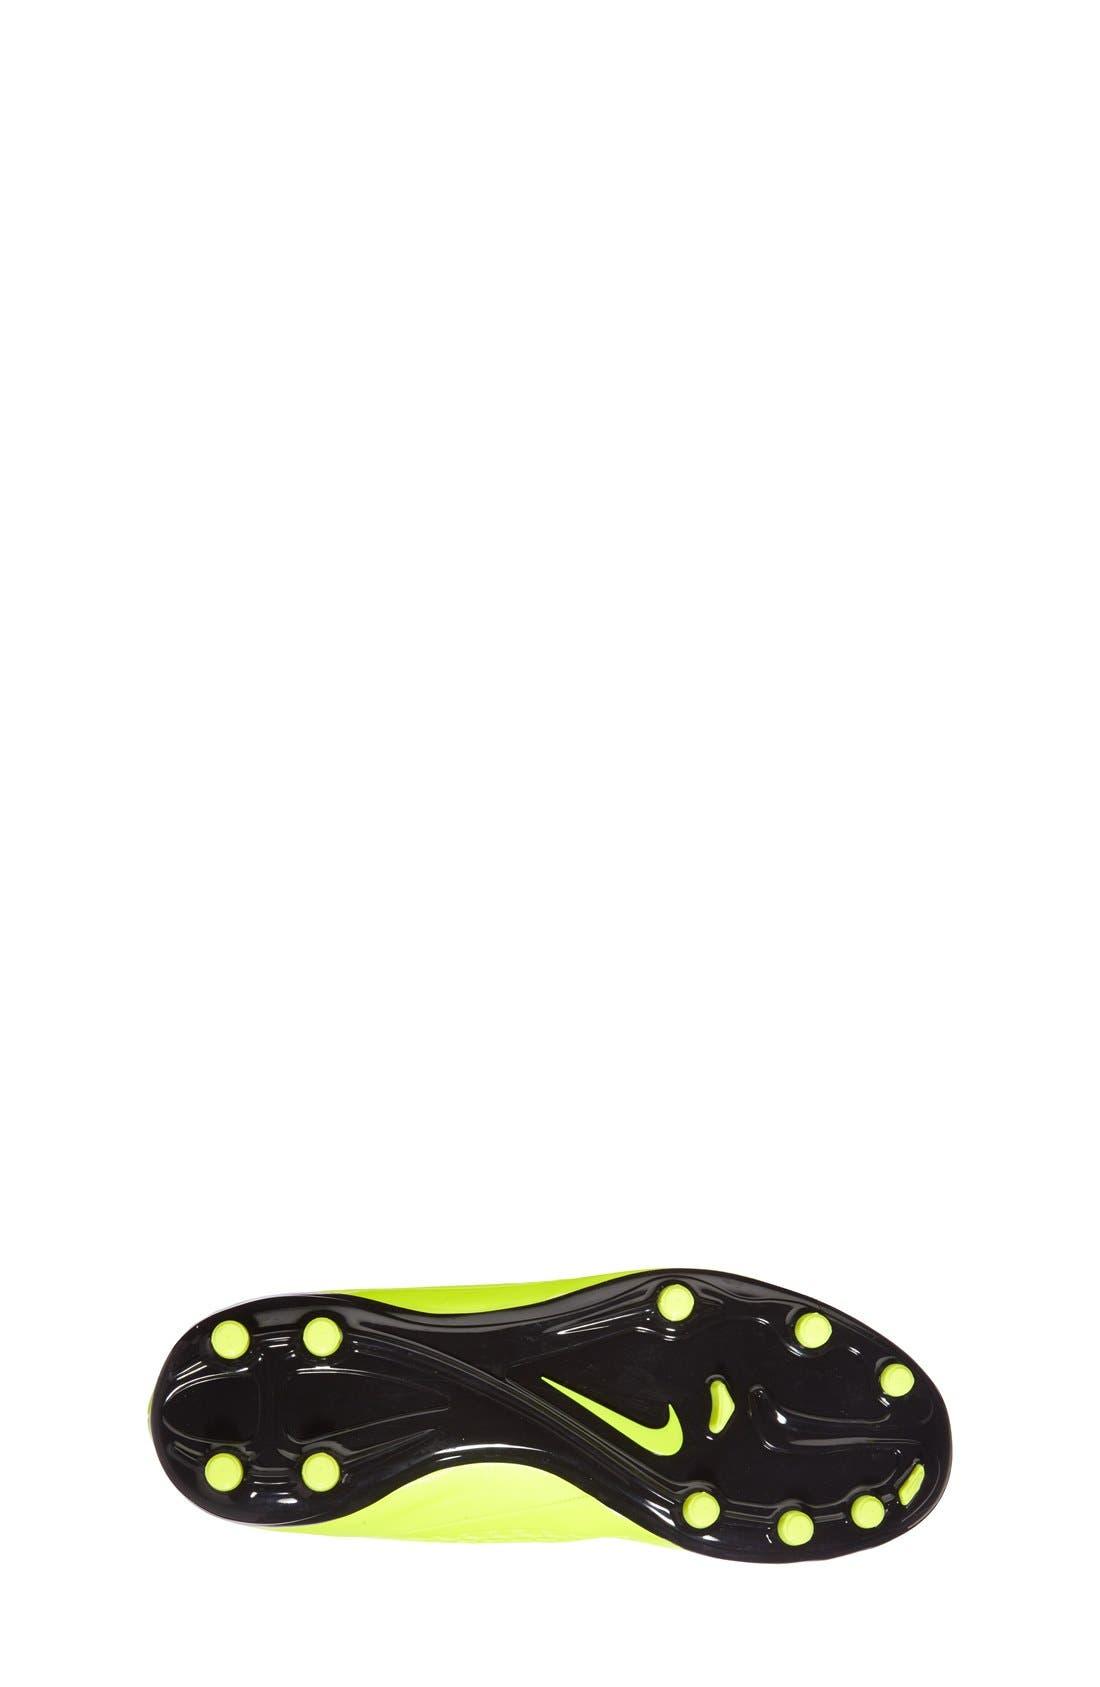 Alternate Image 4  - Nike 'Hypervenom Phelon FG' Soccer Cleat (Toddler, Little Kid & Big Kid)